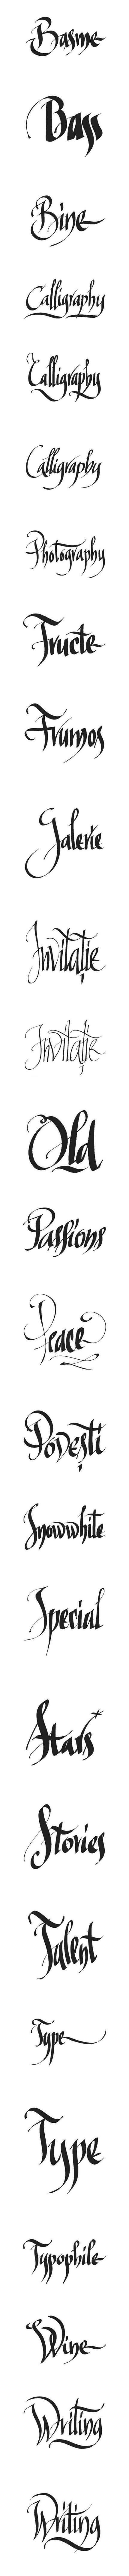 Exerciţii de caligrafie în Inkscape (program vectorial). Florin Florea